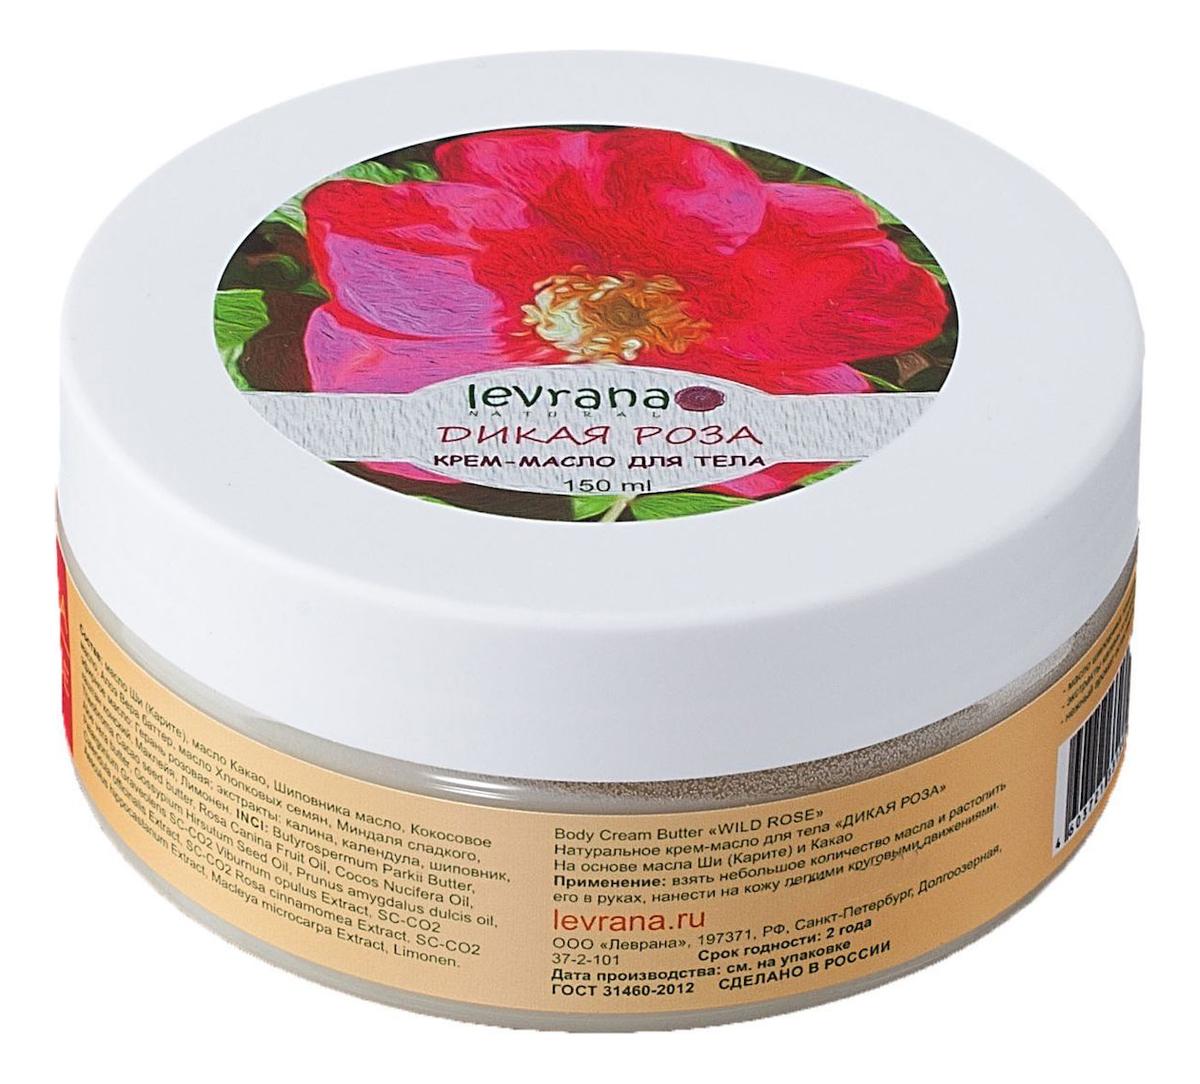 Купить Крем-масло для тела Дикая роза Wild Rose Body Cream Butter 150мл, Levrana